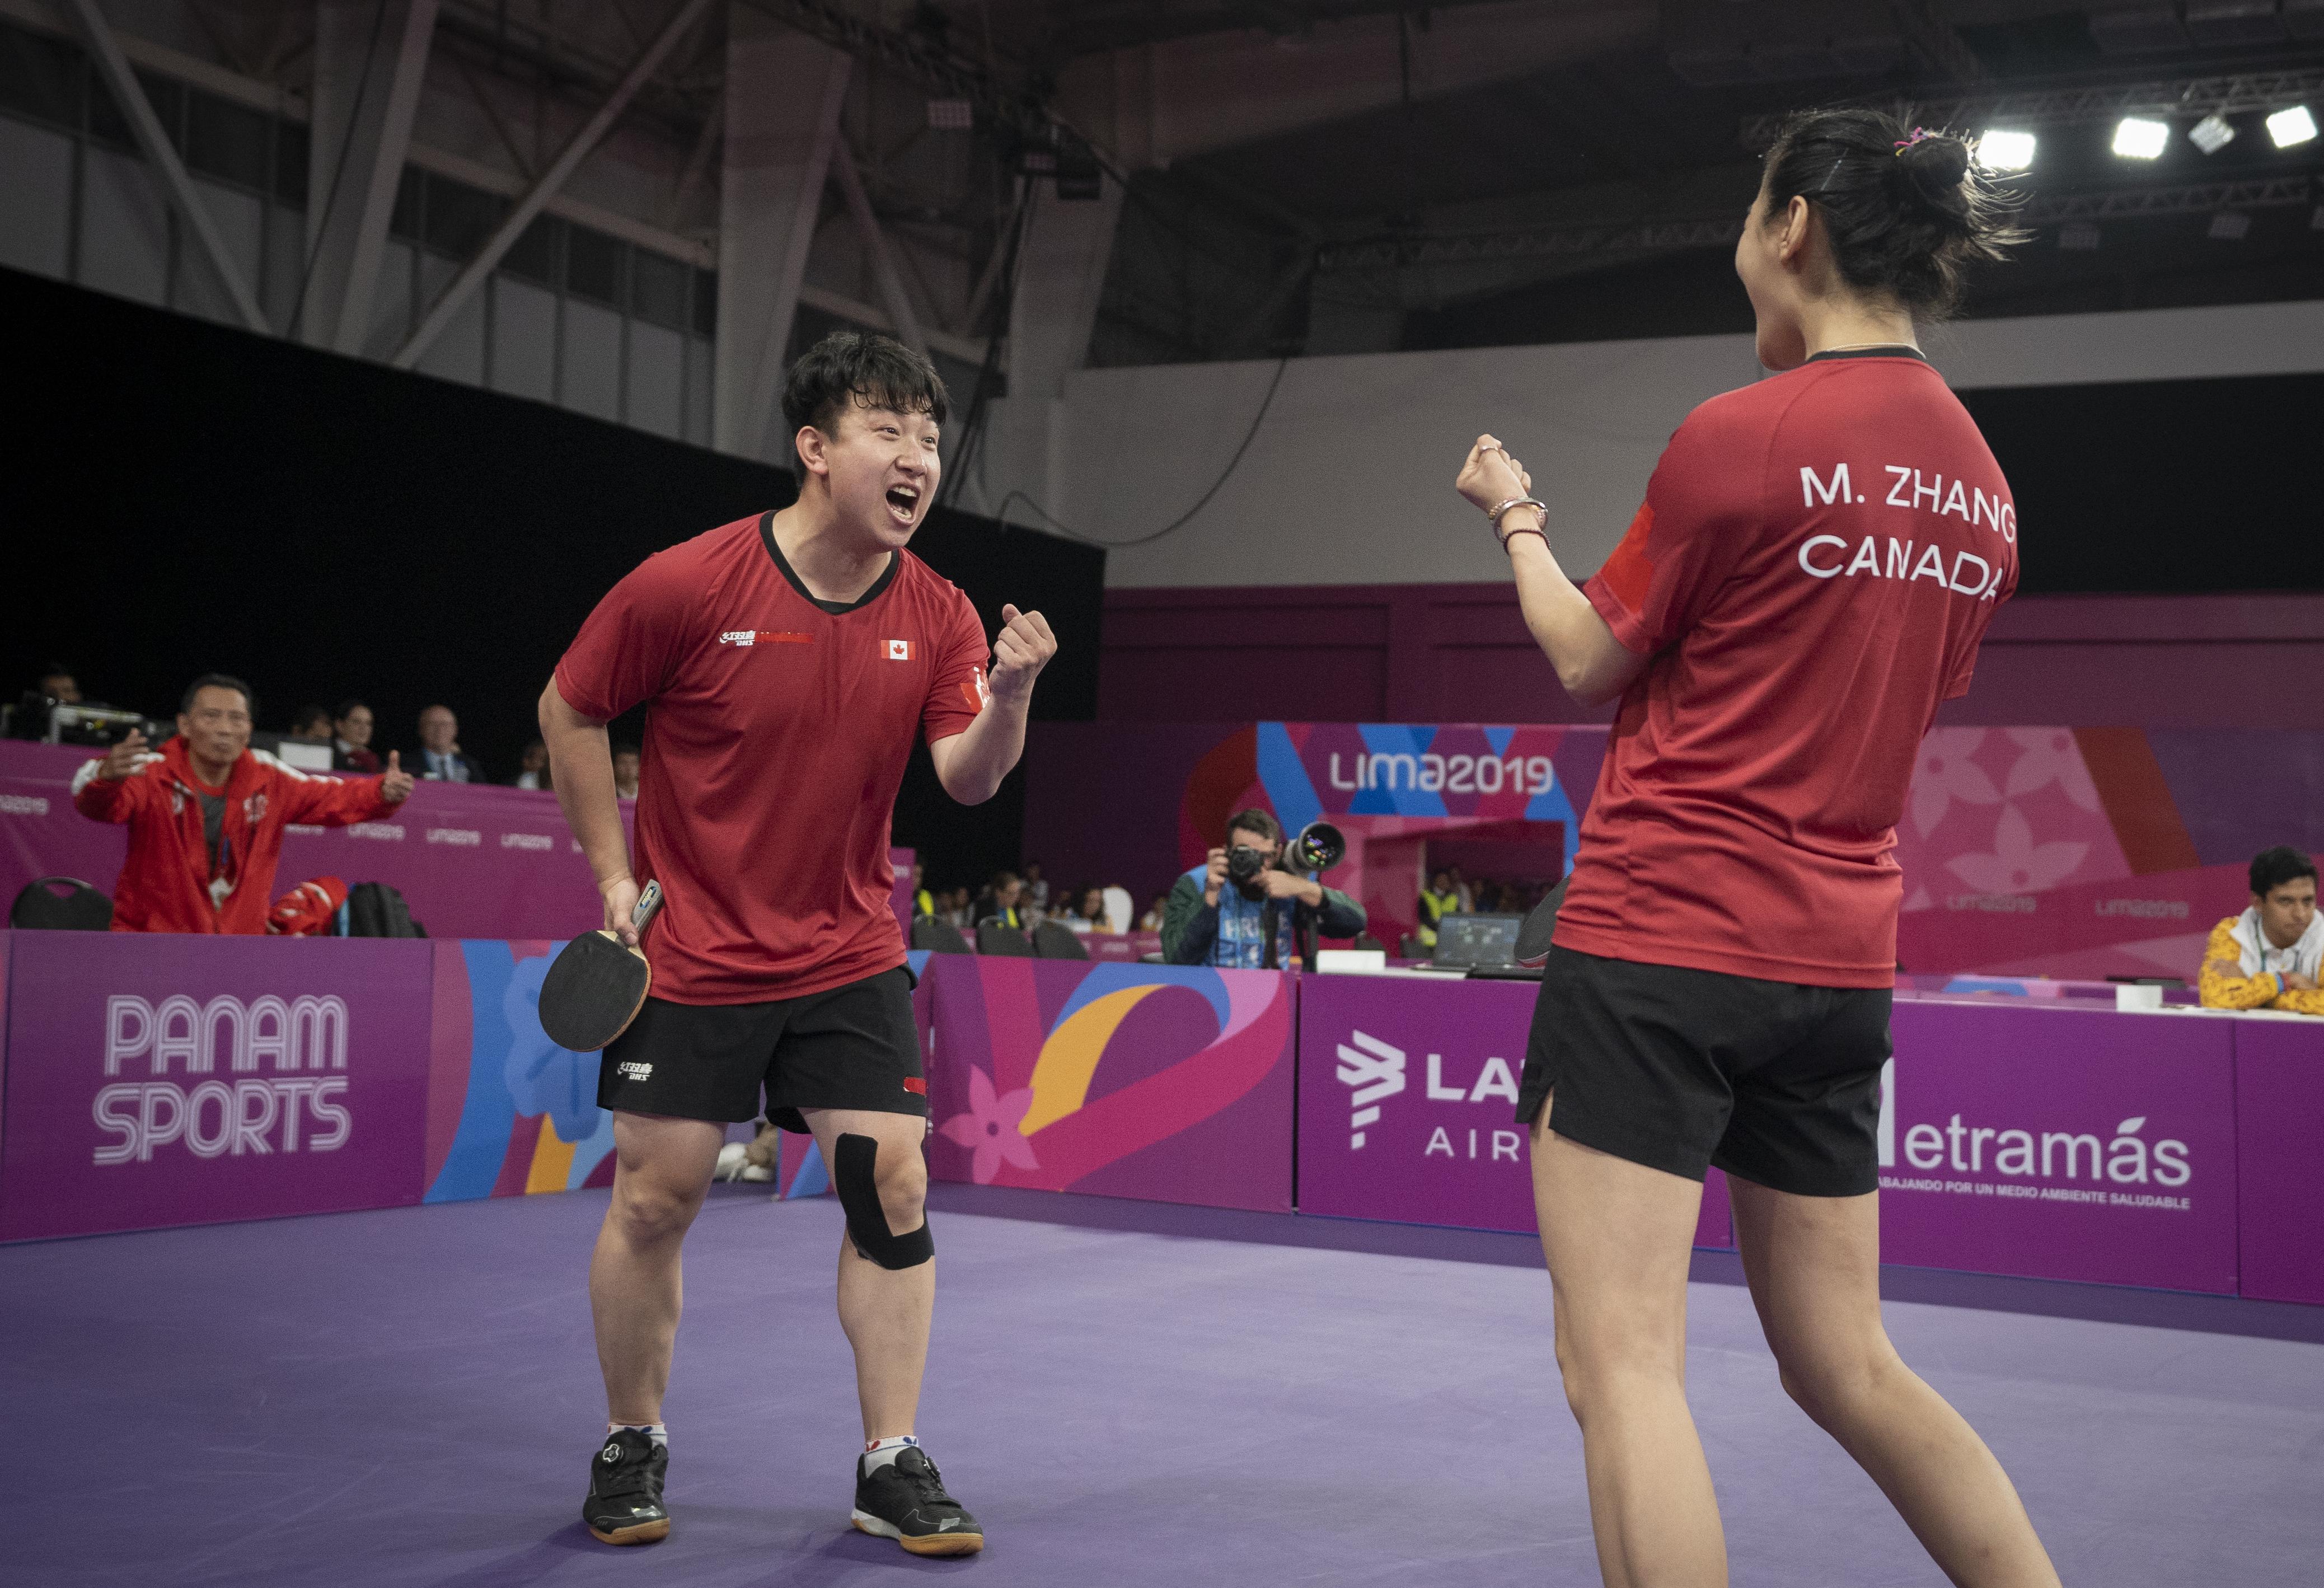 Deux joueurs de tennis de table célèbrent leur victoire